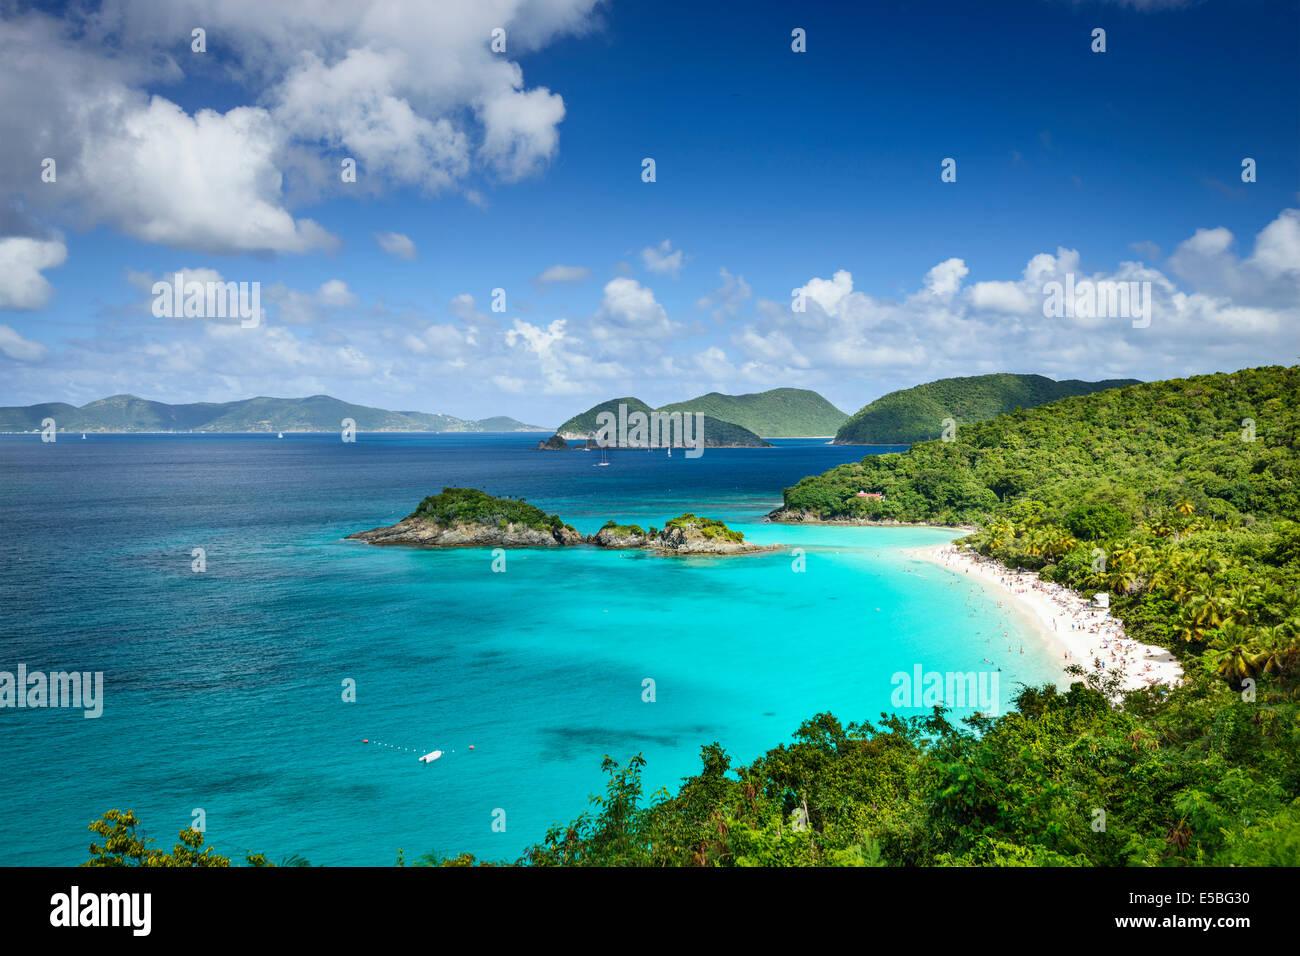 San Juan, Islas Vírgenes de EE.UU. en la Bahía Trunk. Imagen De Stock